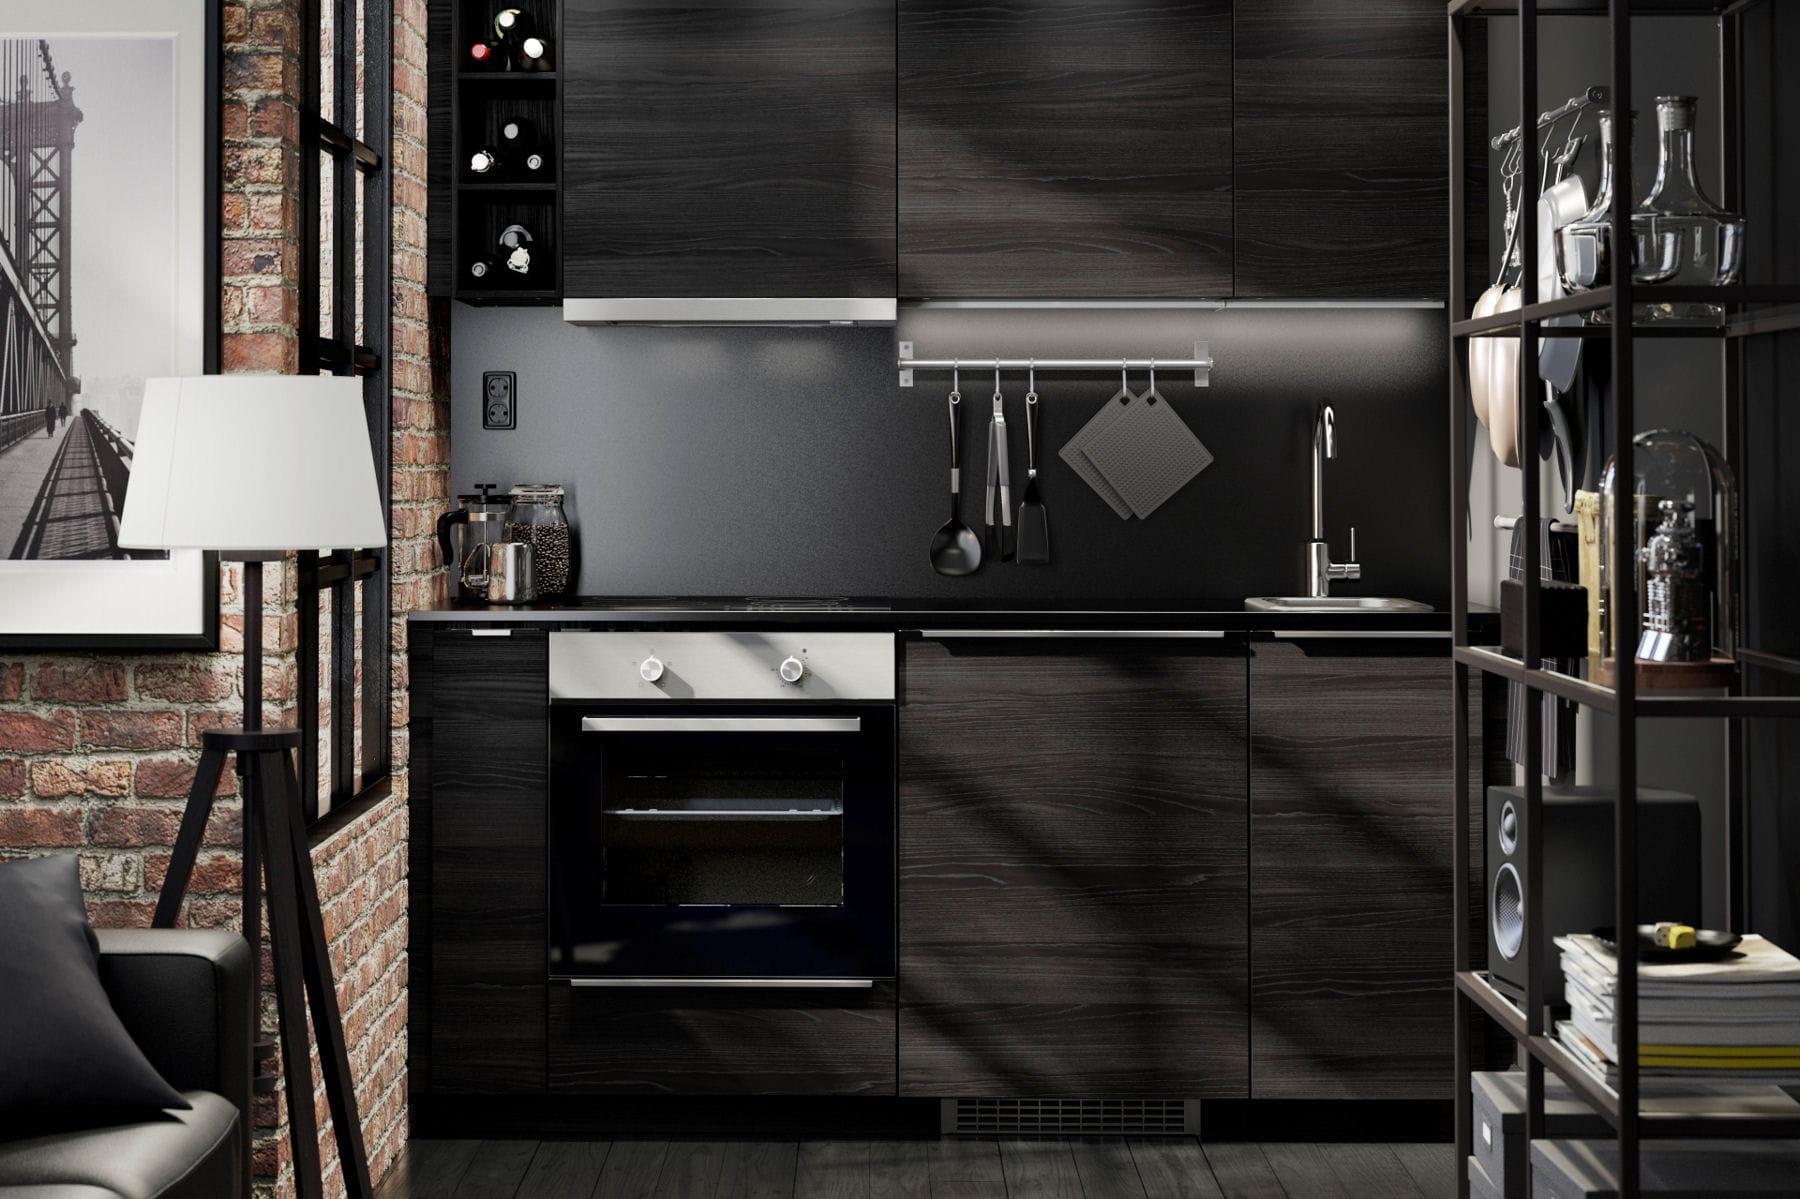 une cuisine noire cuisine ikea 2017 des cuisines qui donnent envie de mitonner linternaute. Black Bedroom Furniture Sets. Home Design Ideas